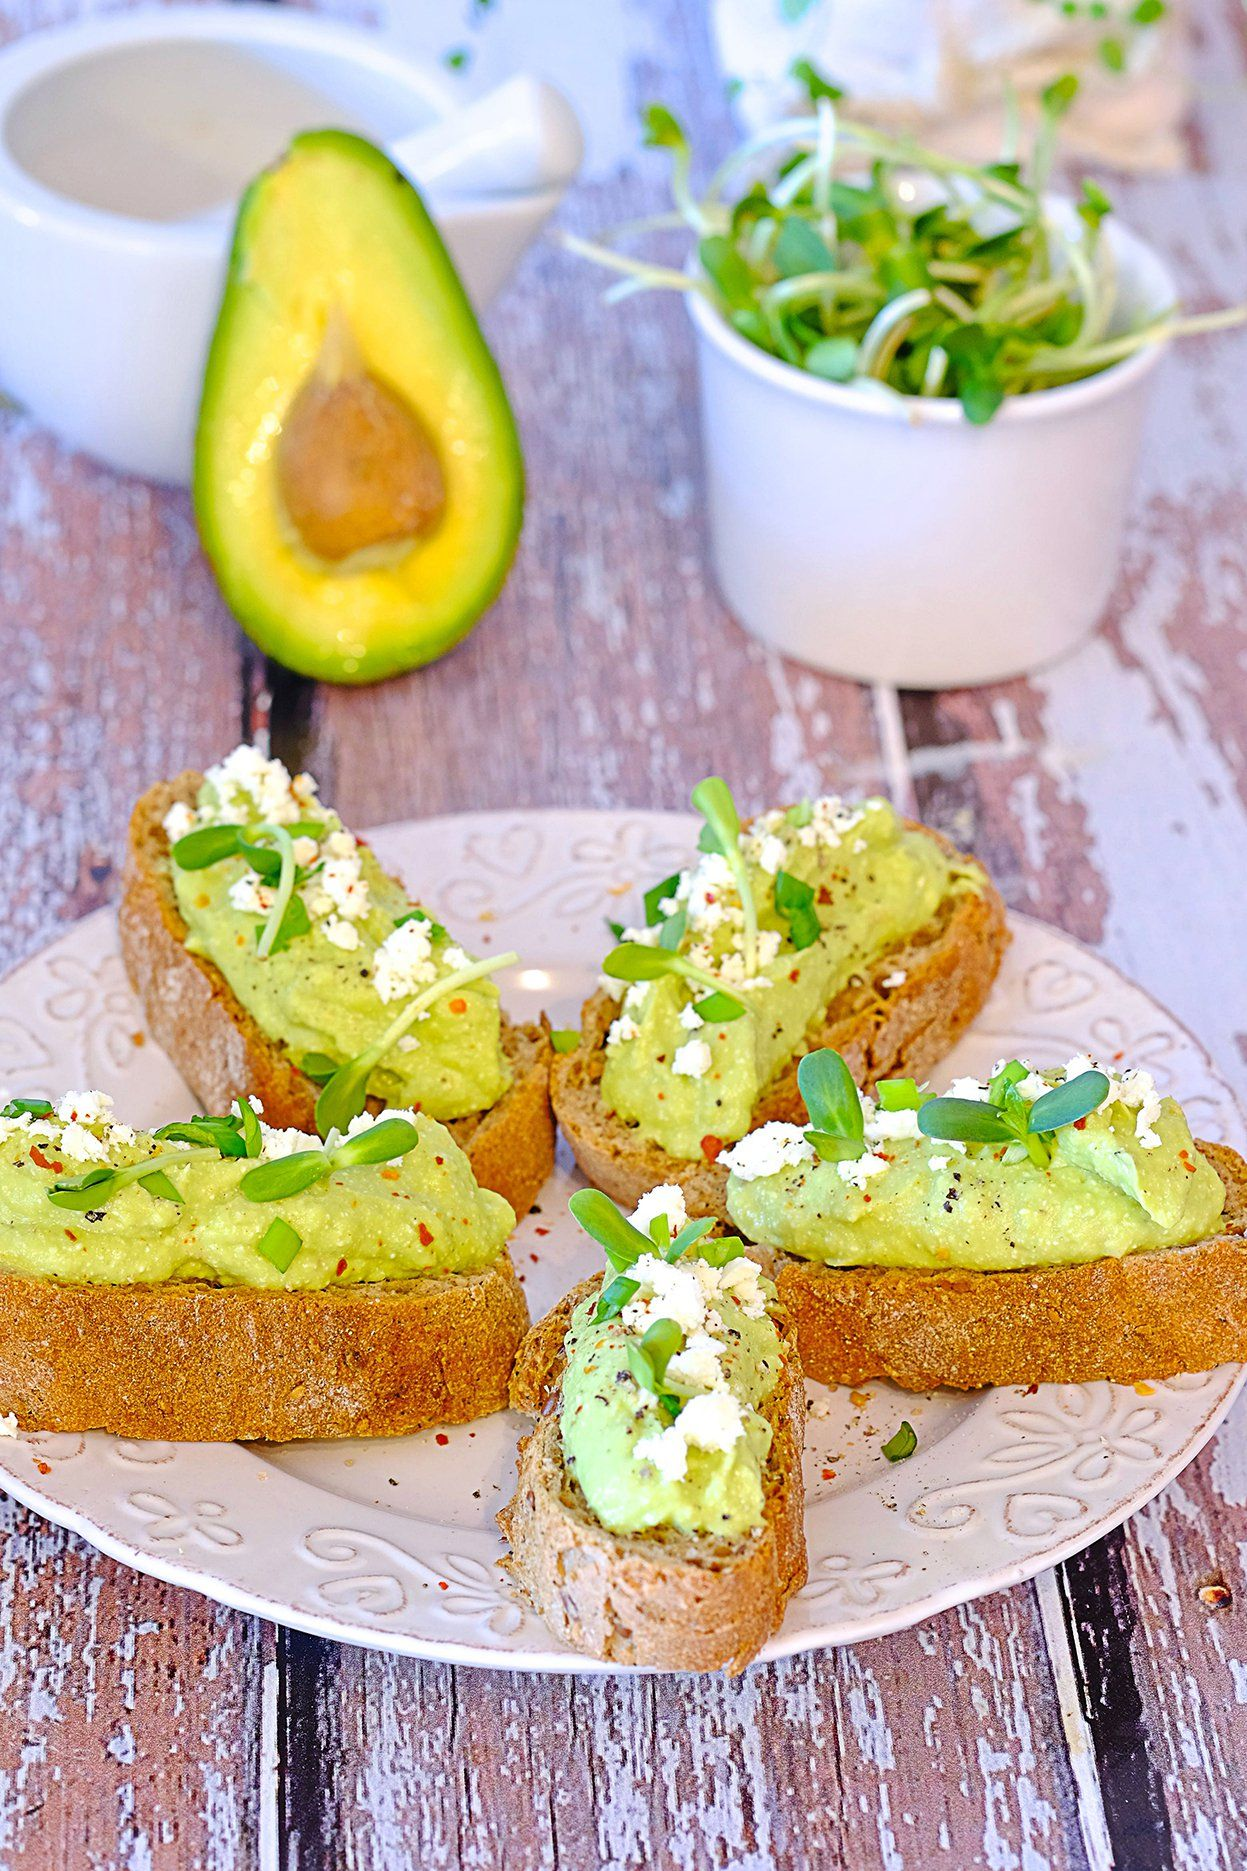 Pasta Z Awokado Feta I Czosnkiem Przekaski Na Impreze Culinary Recipes Food And Drink Raw Food Recipes